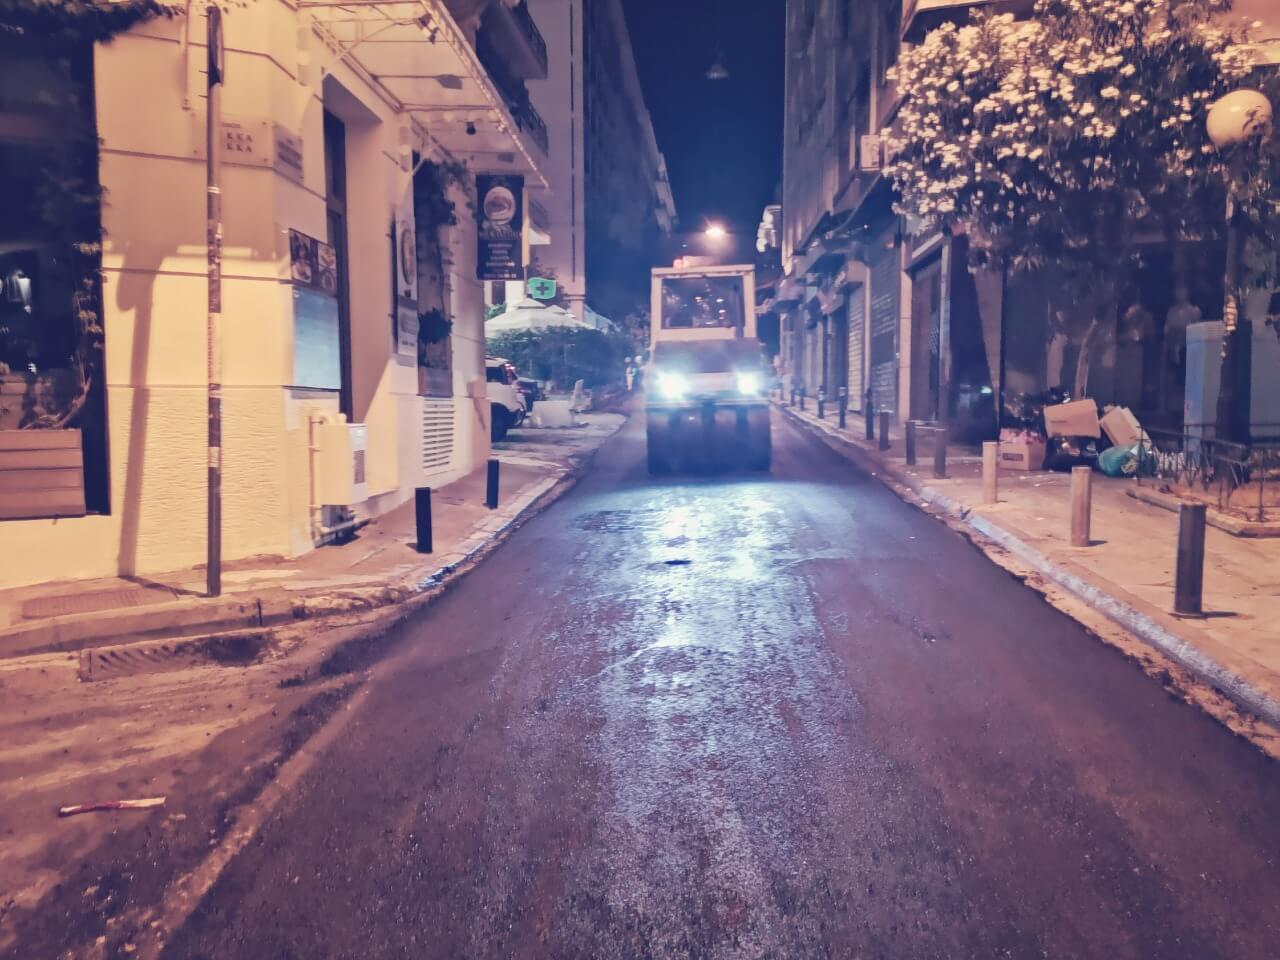 Δήμος Αθηναίων: 65 χιλιάδες τ.μ. ασφαλτοστρώσεις δρόμων τον Αύγουστο